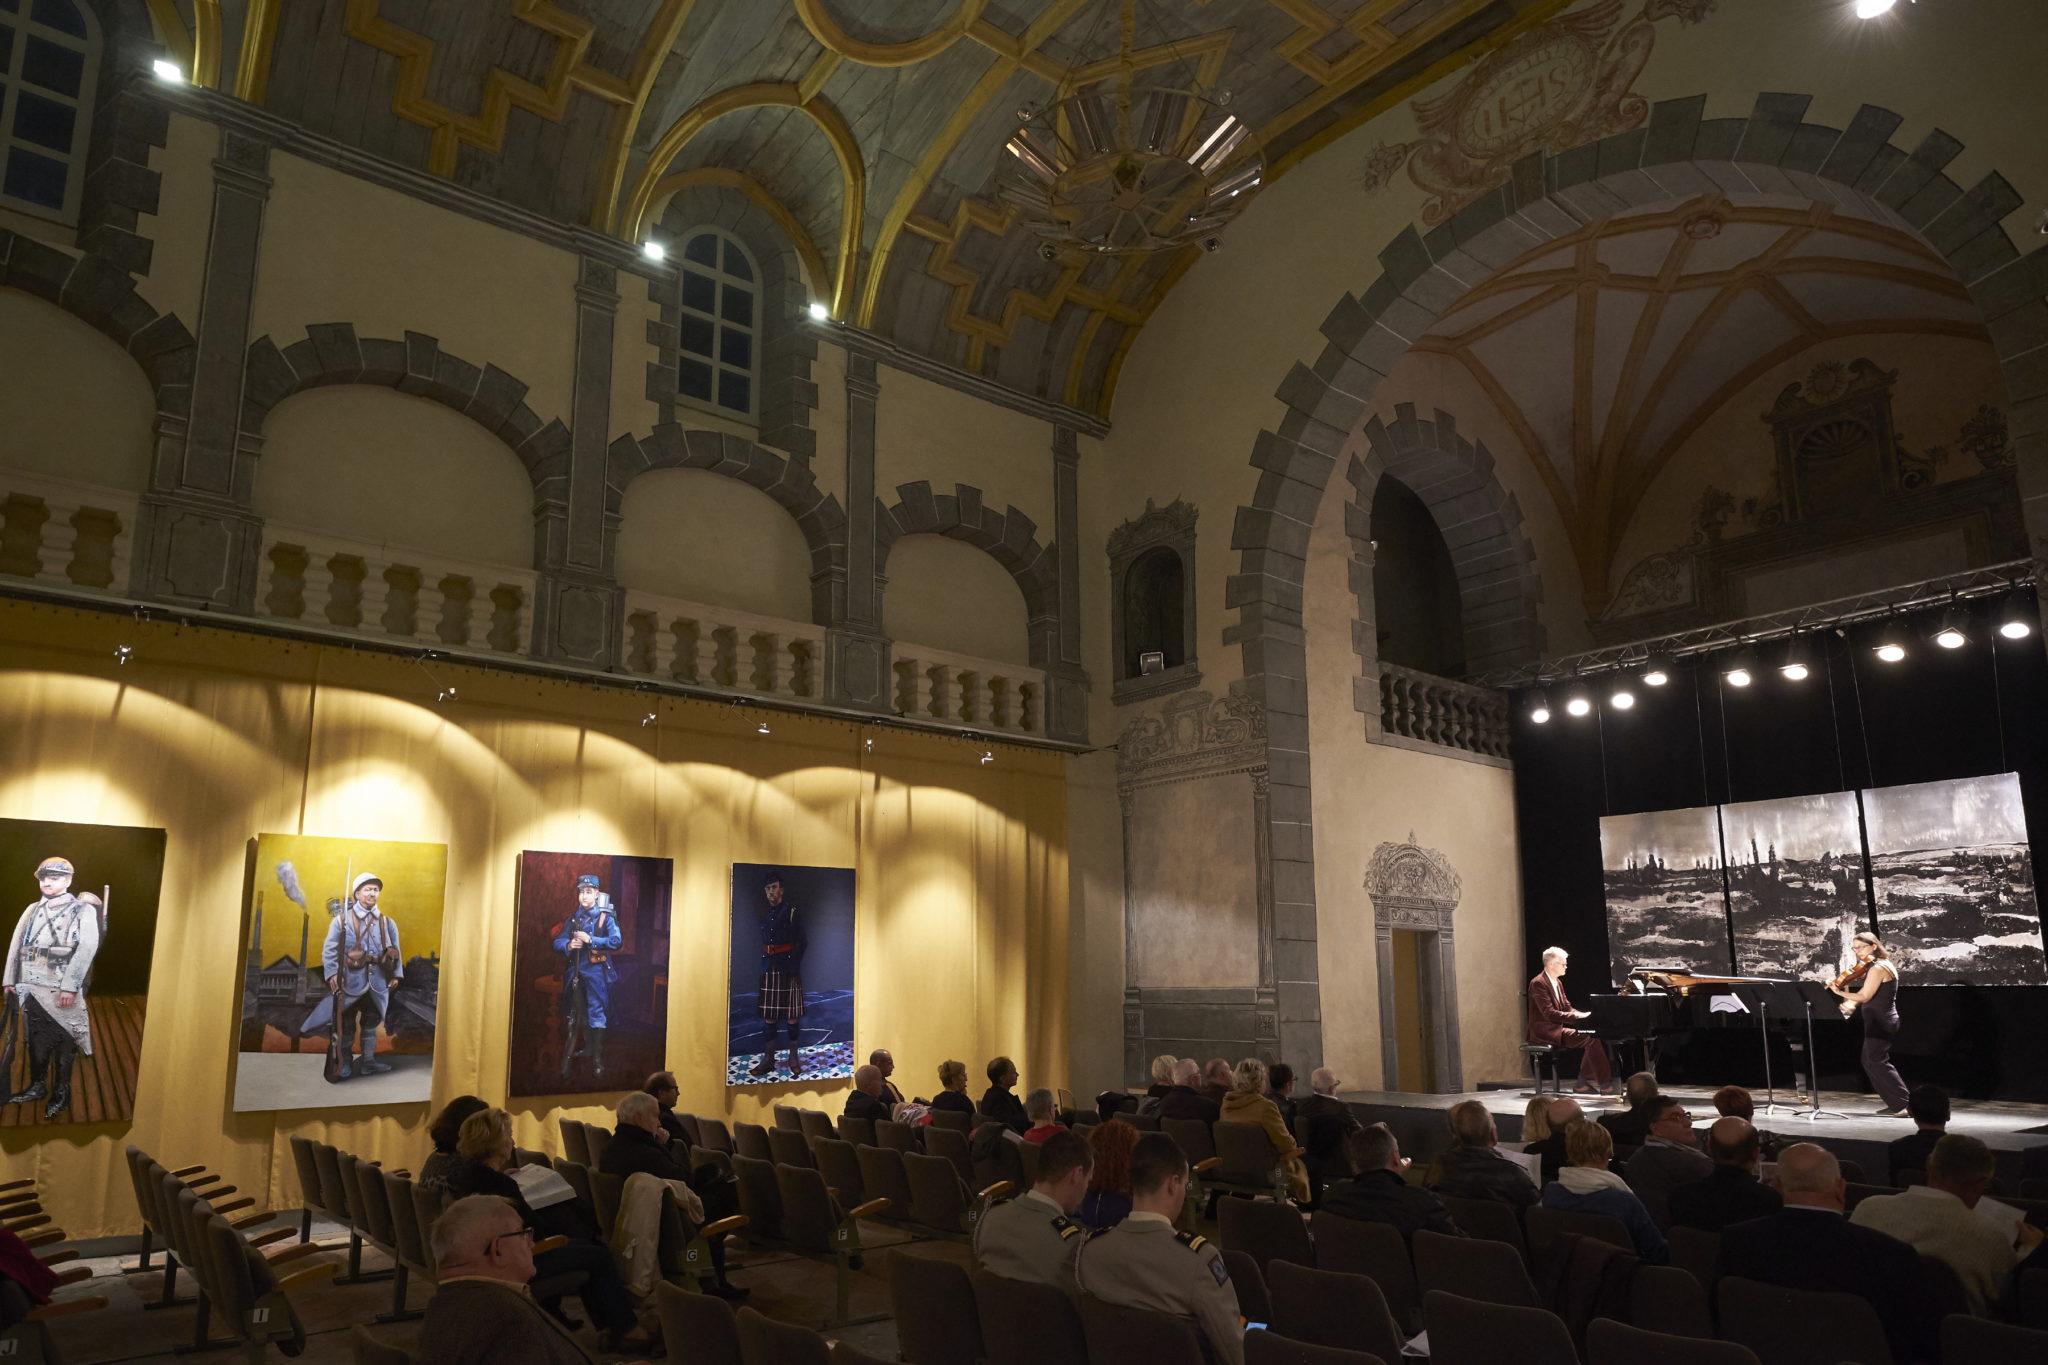 Vernissage de l'exposition Face à l'enfer  du peintre Alain Fabréal a la Chapelle des Jésuite, Auditorium de Carcassonne